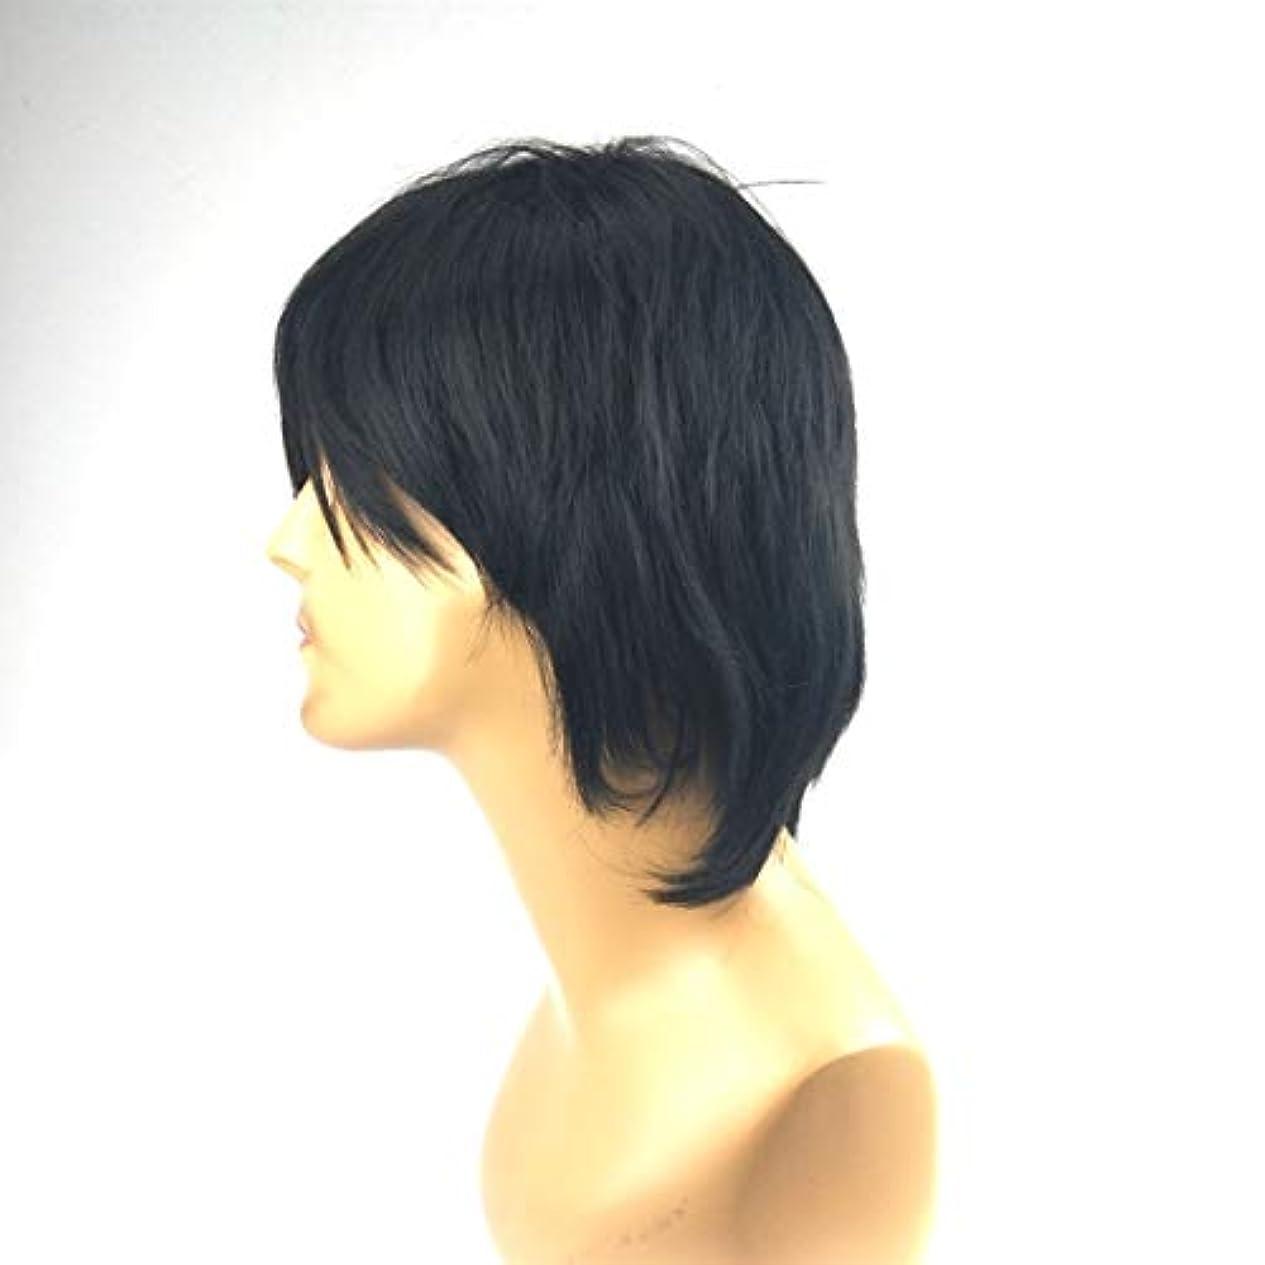 計器麻痺させるラウンジSummerys 斜め前髪付きメンズショートストレートヘアシルクケミカルファイバーウィッグ